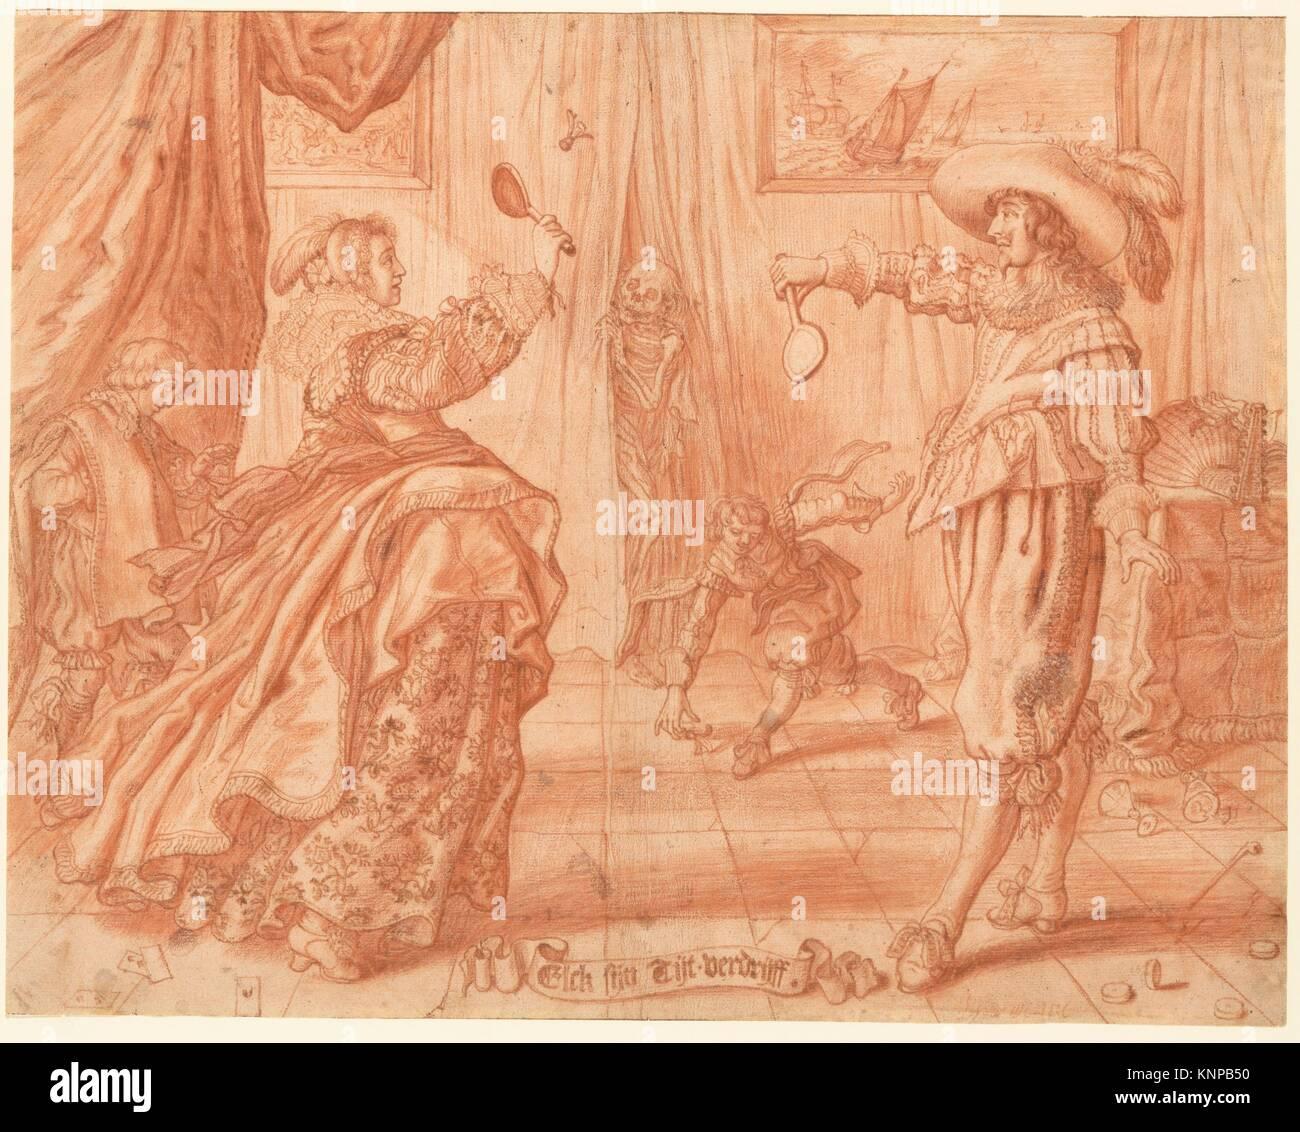 To Each His Own Pastime, Elck Sijn Tijt-Verdrijff. Artist: Adriaen van de Venne (Dutch, Delft 1589-1662 The Hague); - Stock Image